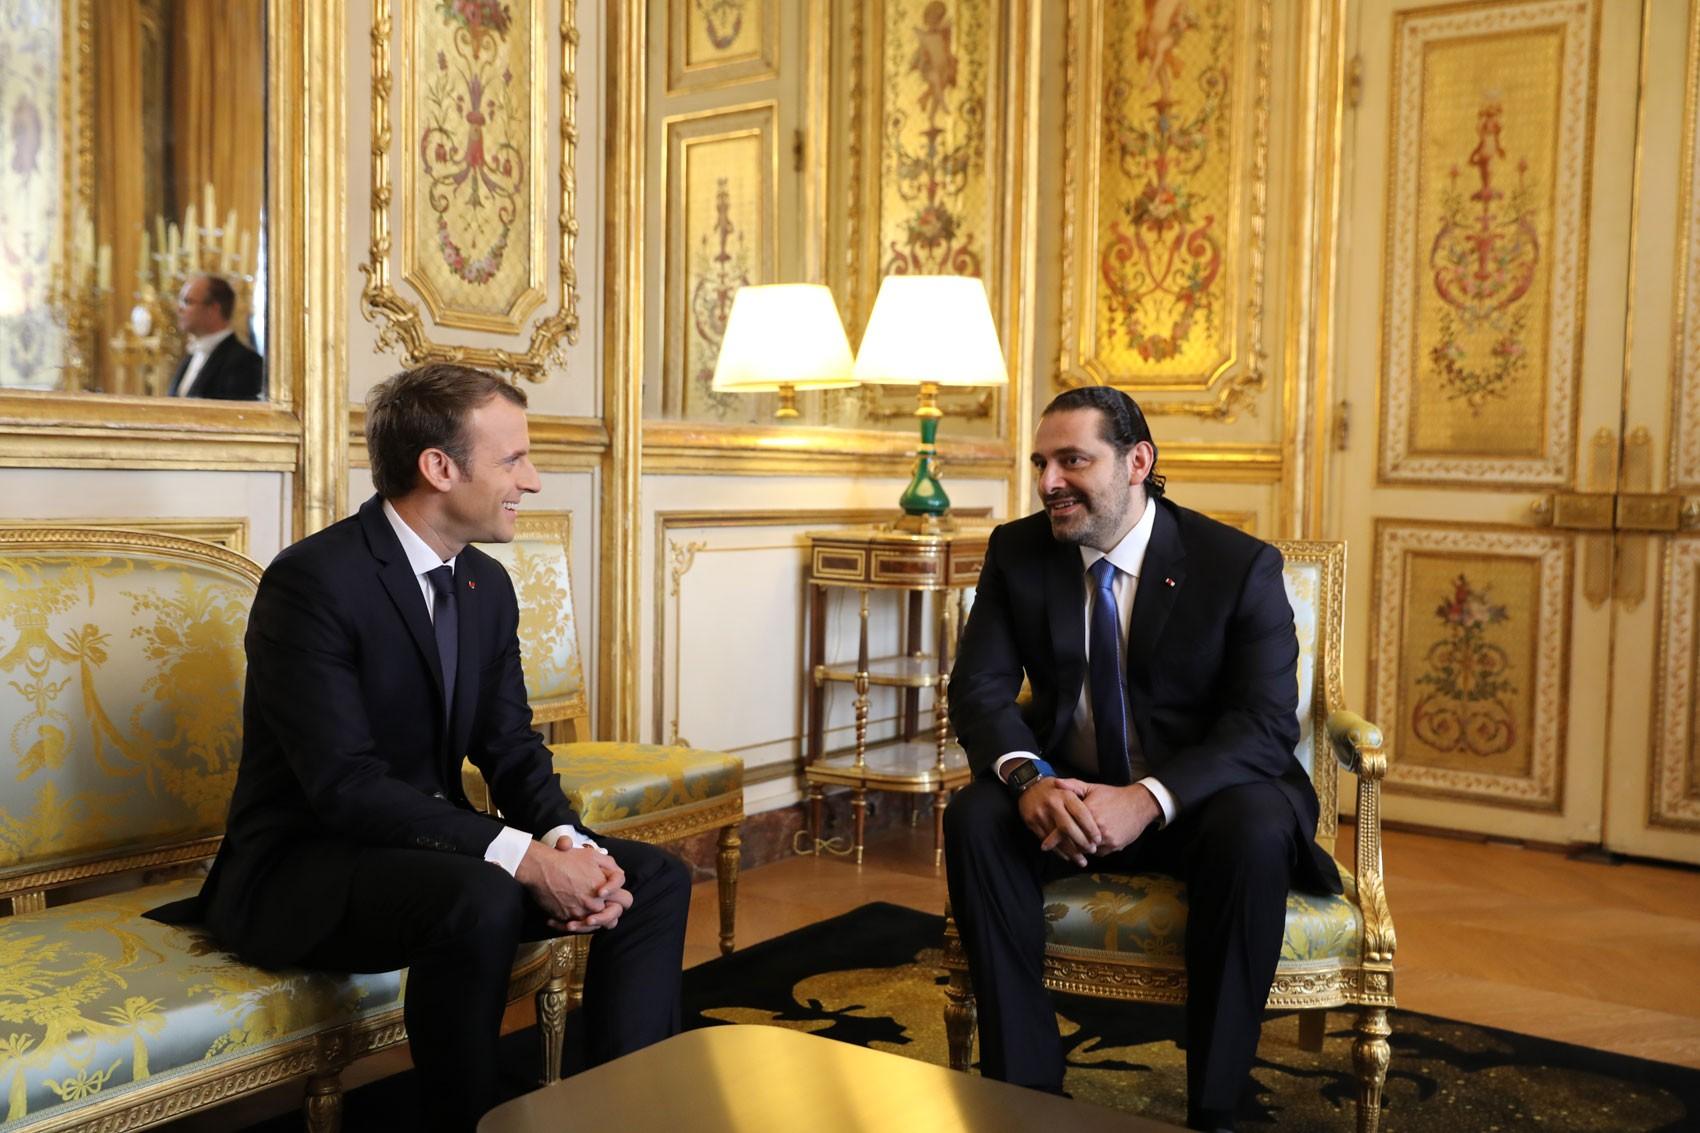 Em Paris, Hariri se reúne com Macron e confirma retorno ao Líbano